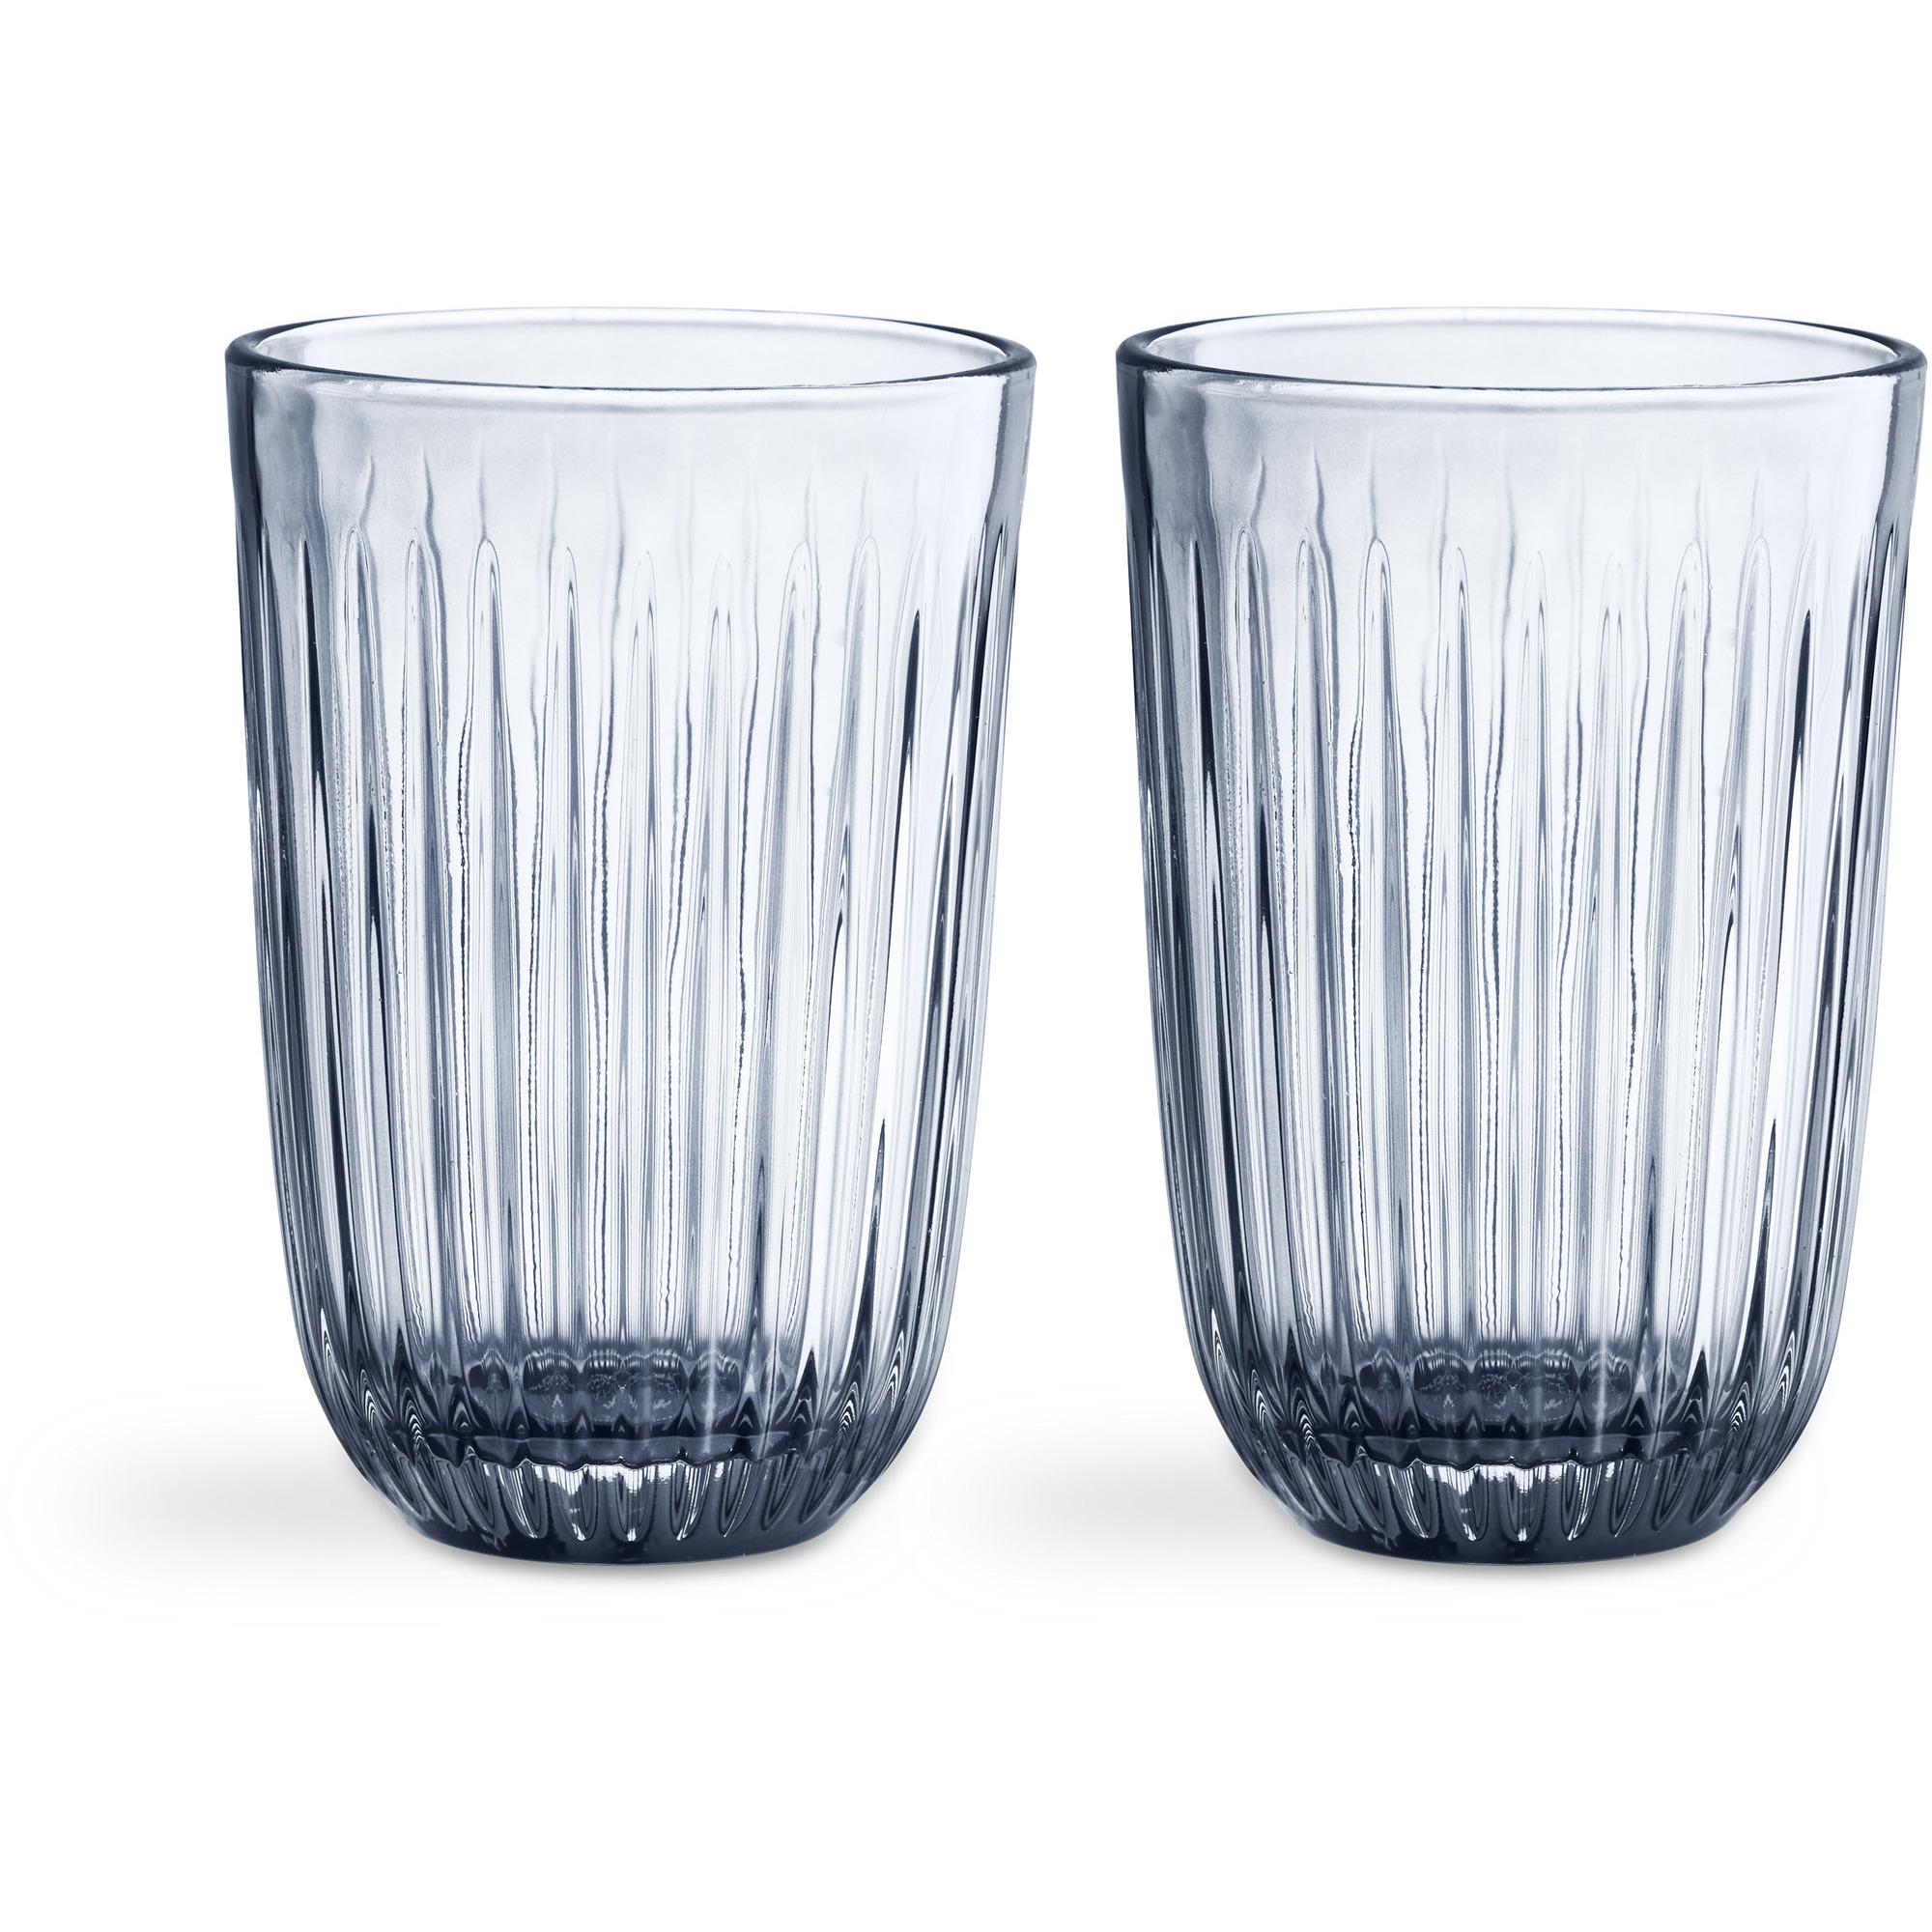 Kähler Hammershøi Glas 33 cl 2-pack Indigo